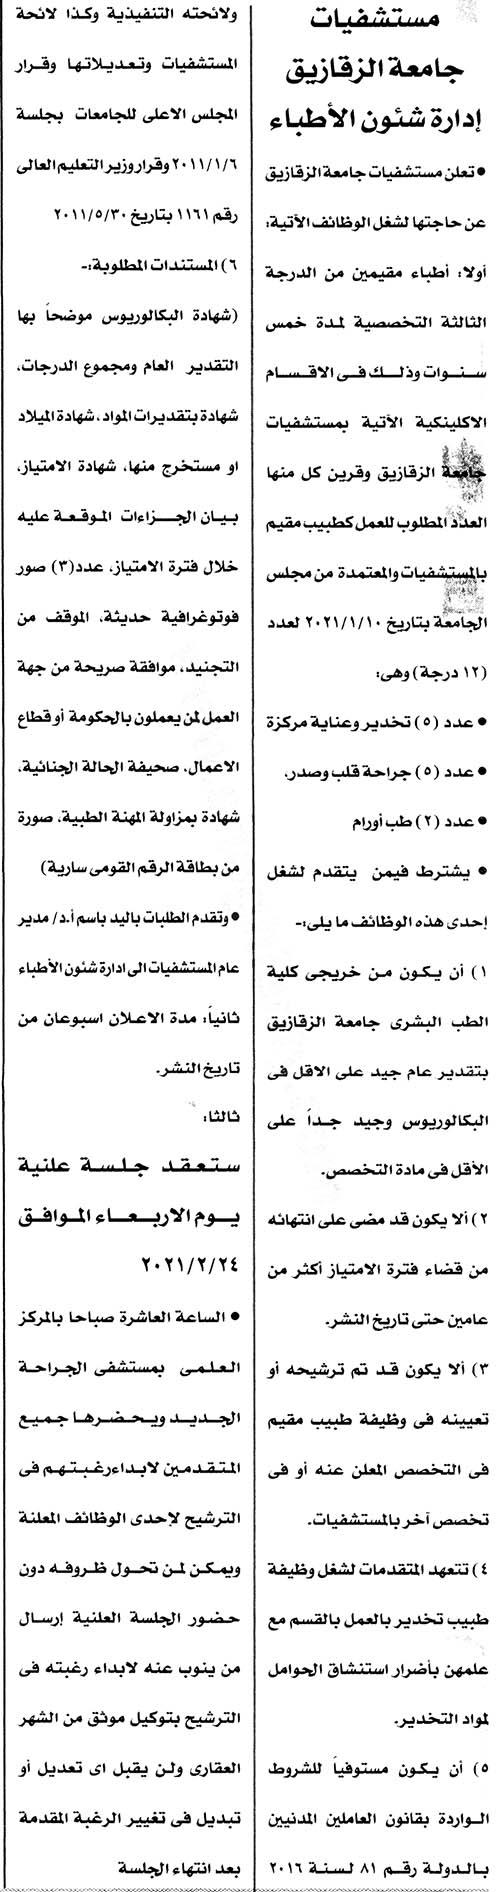 الاعلان الرسمي لوظائف مستشفيات جامعة الزقازيق تطلب مؤهلات عليا 9 / 2 / 2021